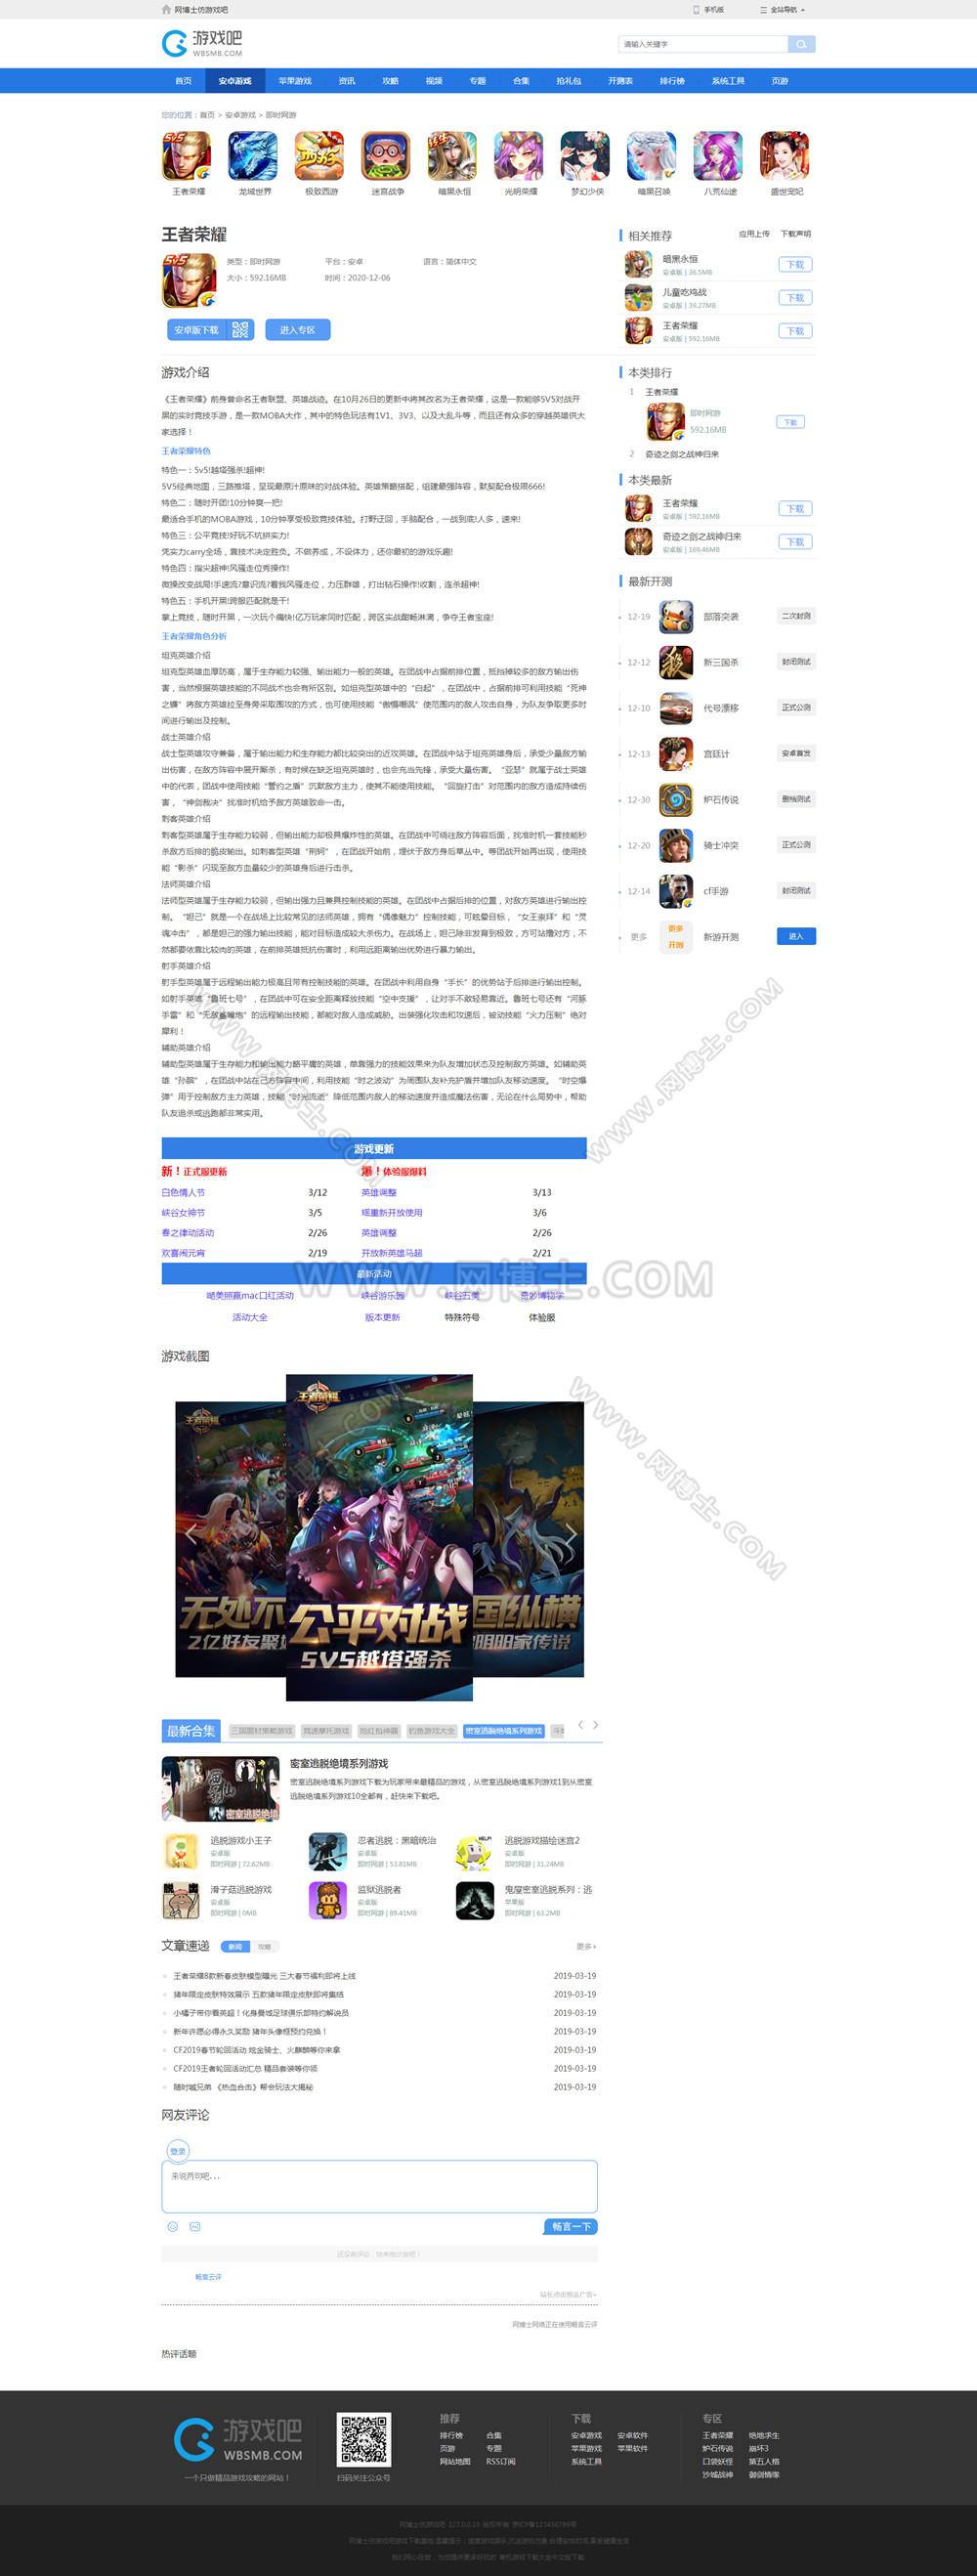 帝国仿《游戏吧》源码 手游网站下载门户模板 手机游戏网站 同步生成 送火车头采集